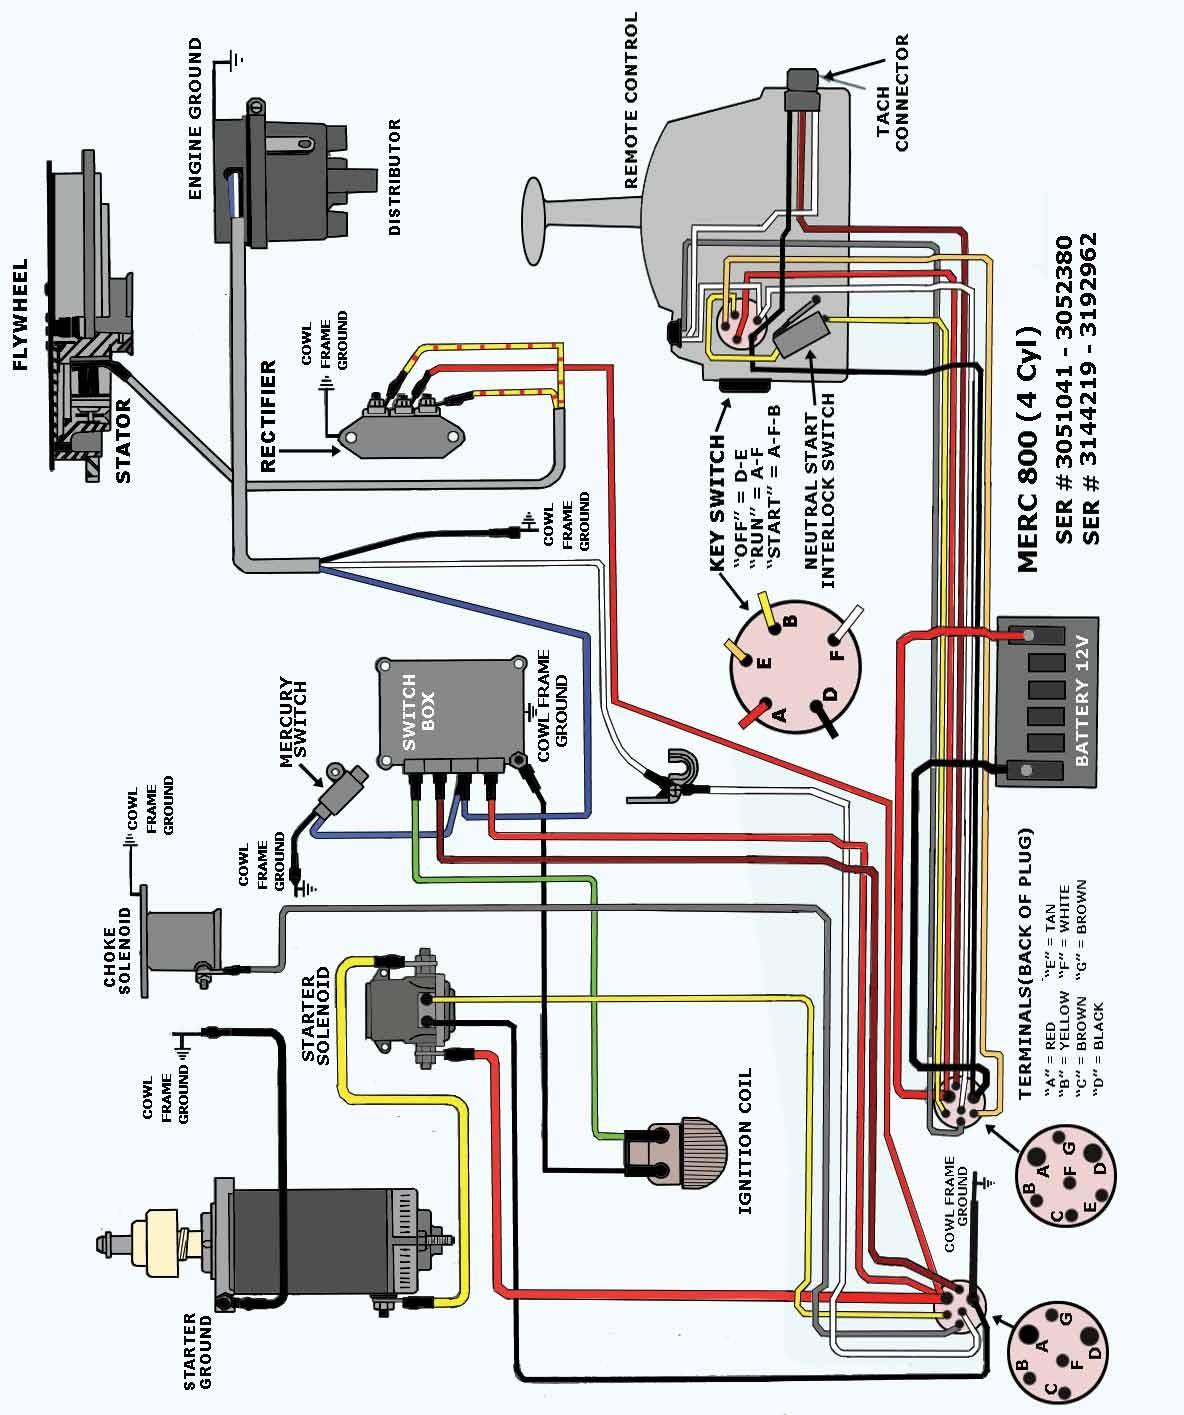 Suzuki Dt40 Outboard Ignition Switch Wiring Diagram